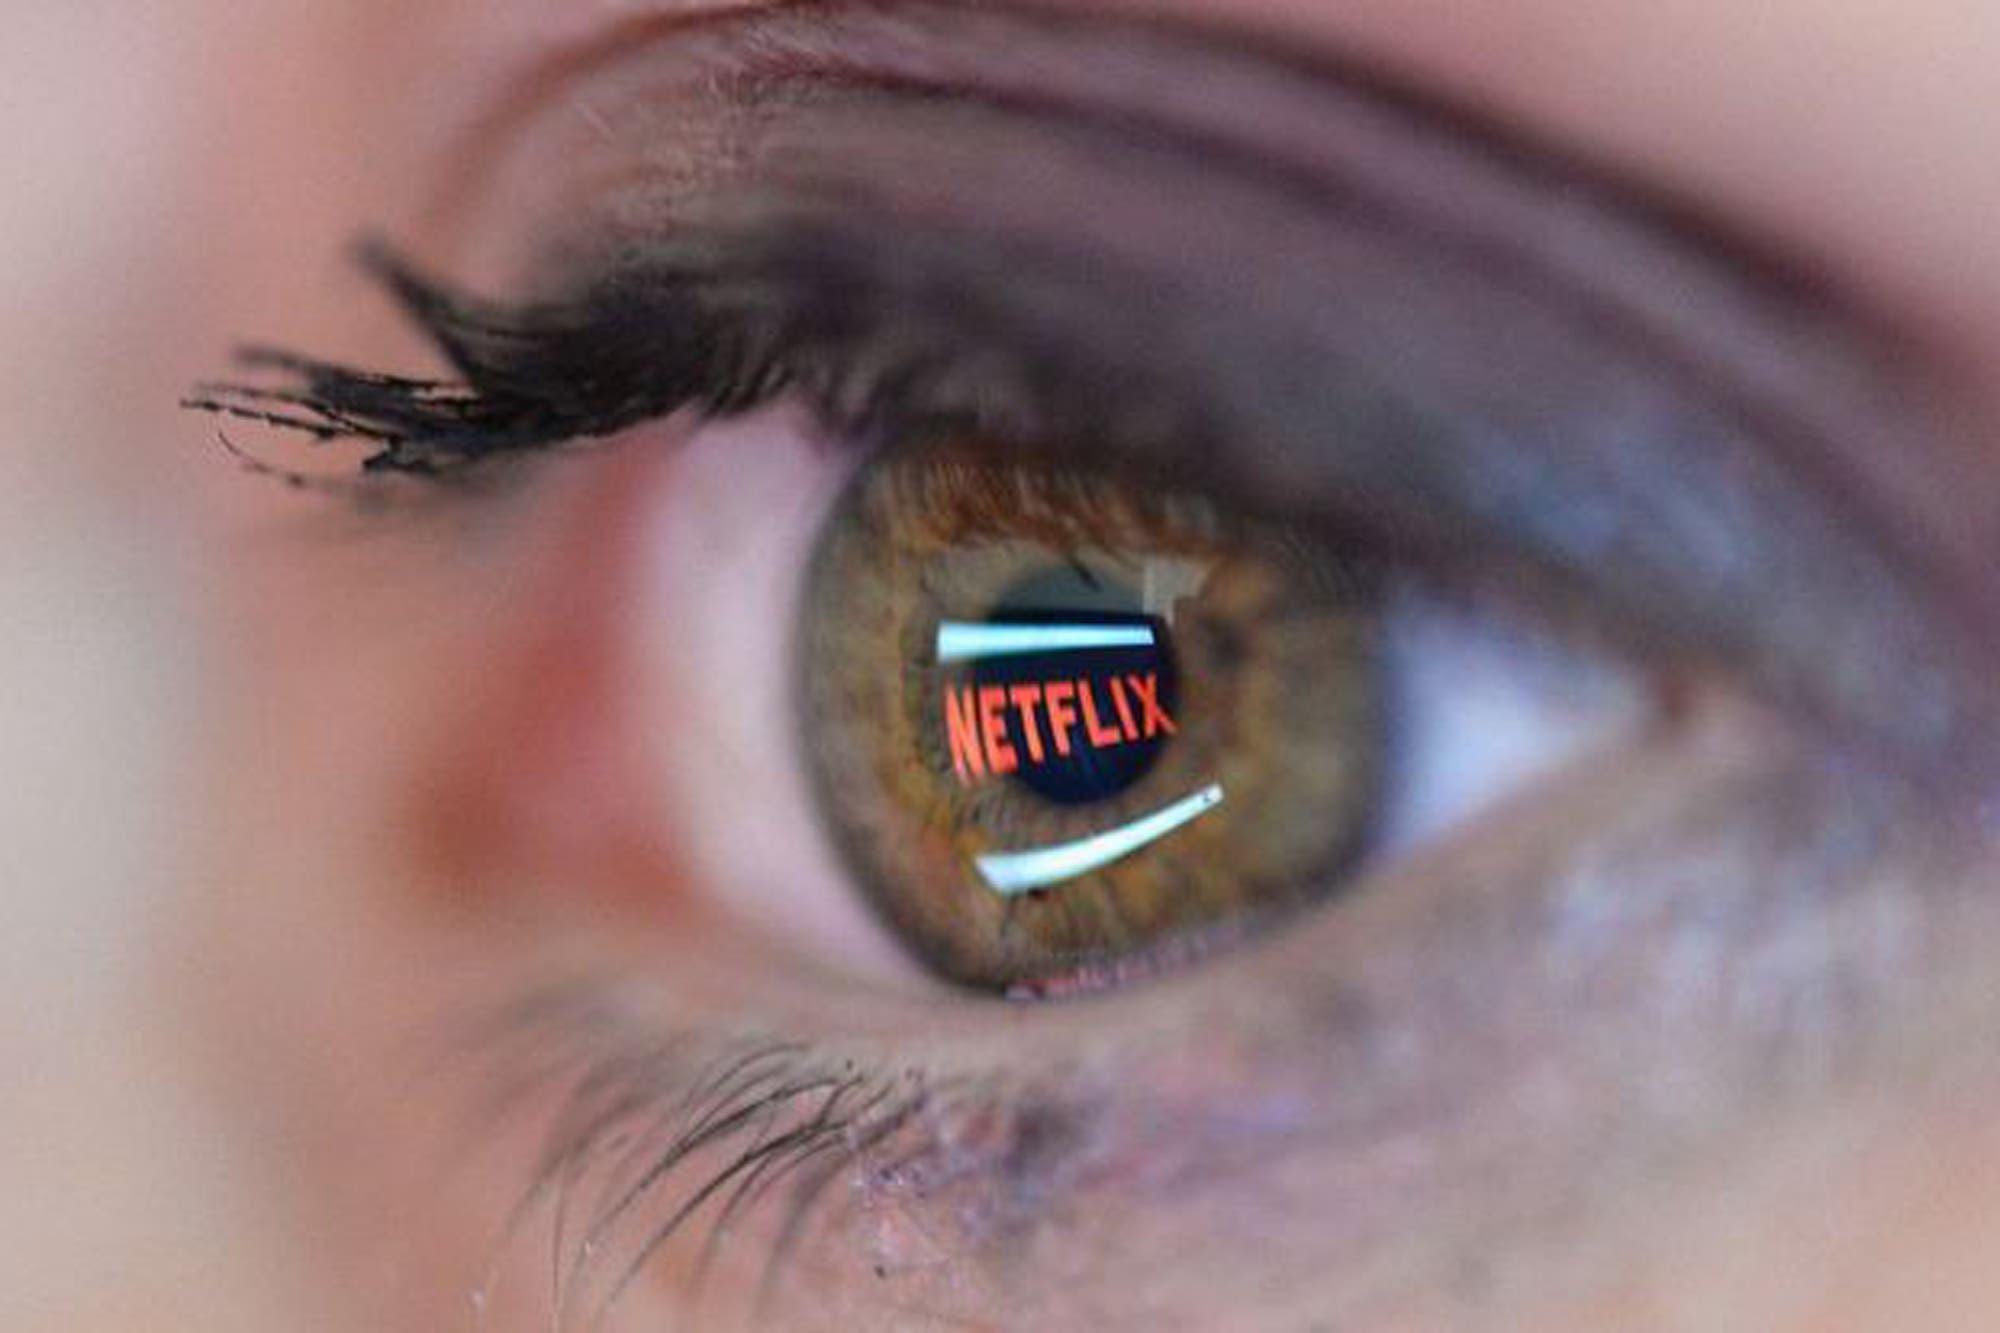 Netflix: ocho problemas comunes al utilizar la plataforma de streaming y cómo puedes solucionarlos